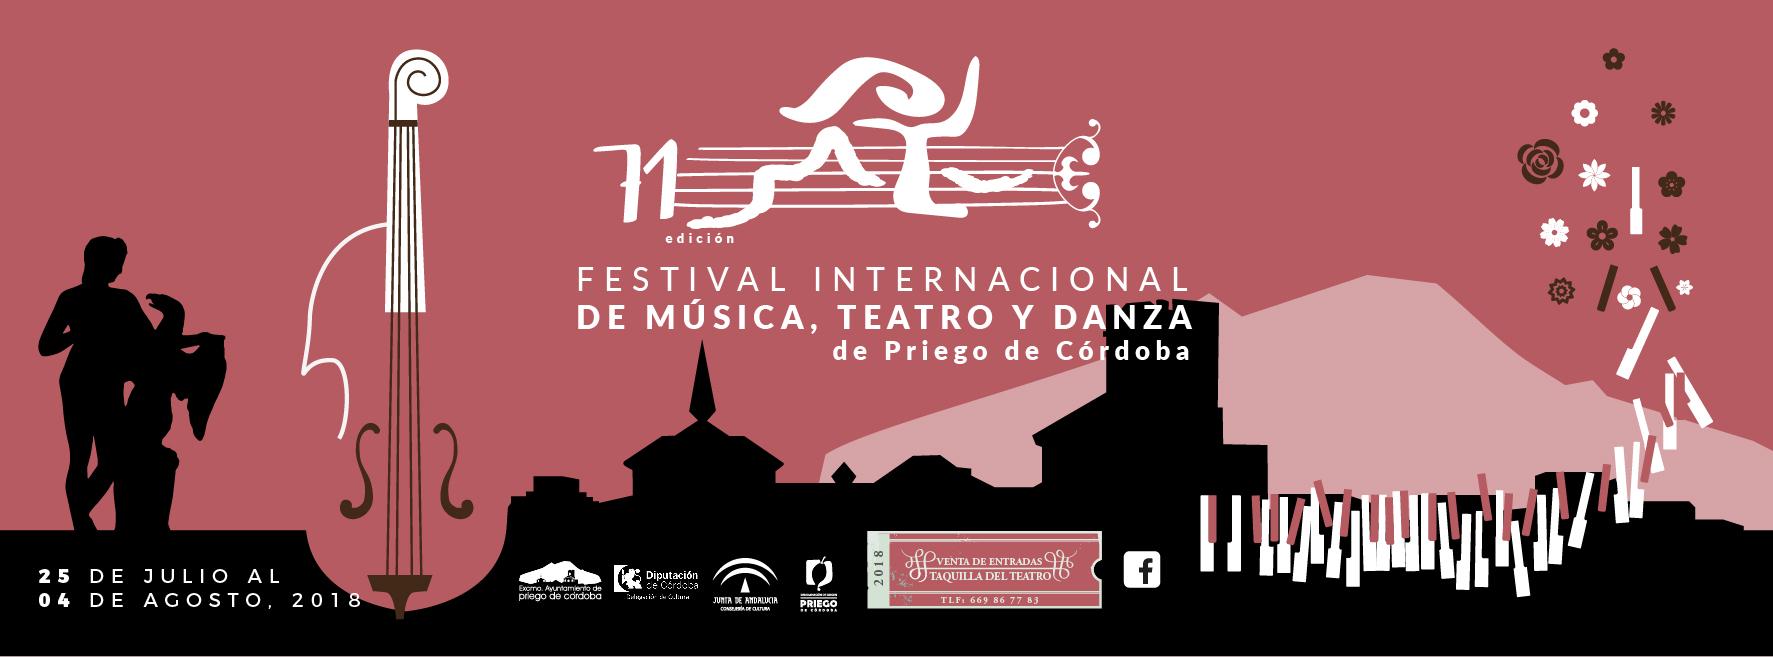 Banner del Festival Internacional de Música, Teatro y Danza de Priego de Córdoba